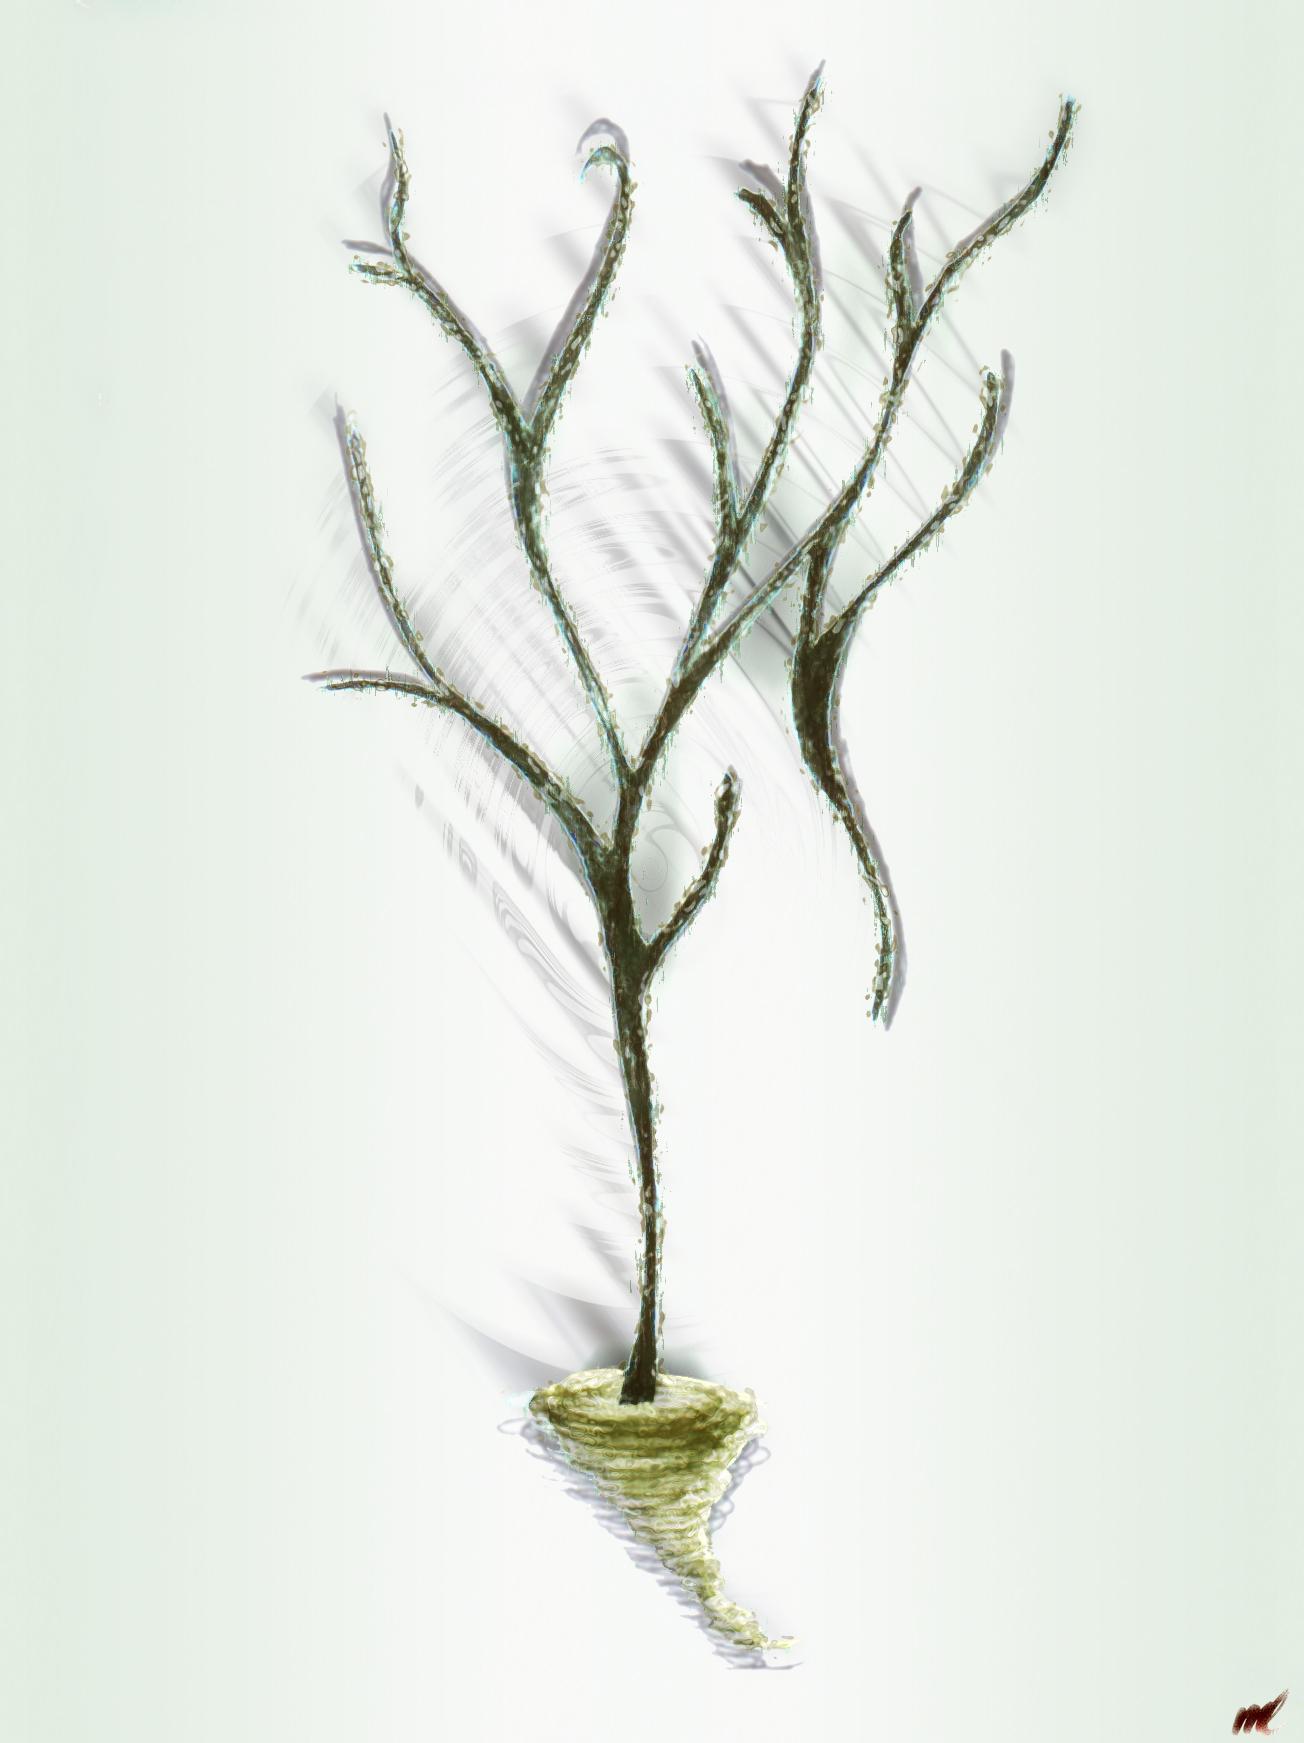 Le troisième arbre